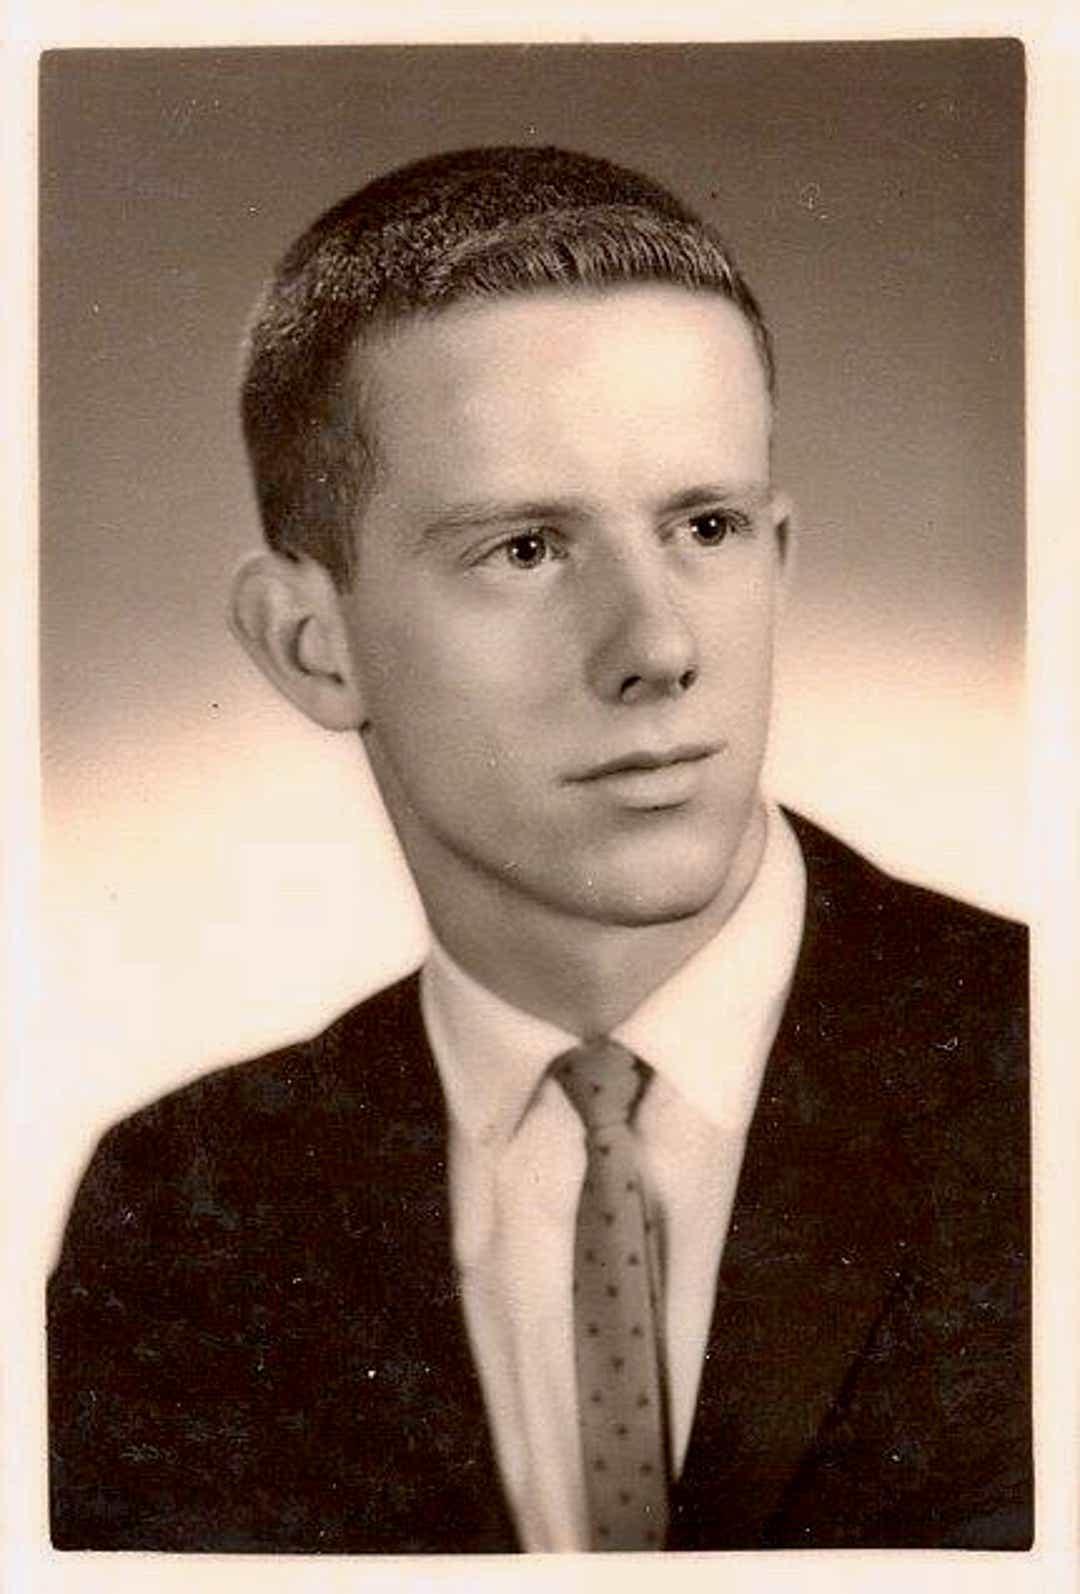 Donald Adair as a young man. He died April 6, 2020